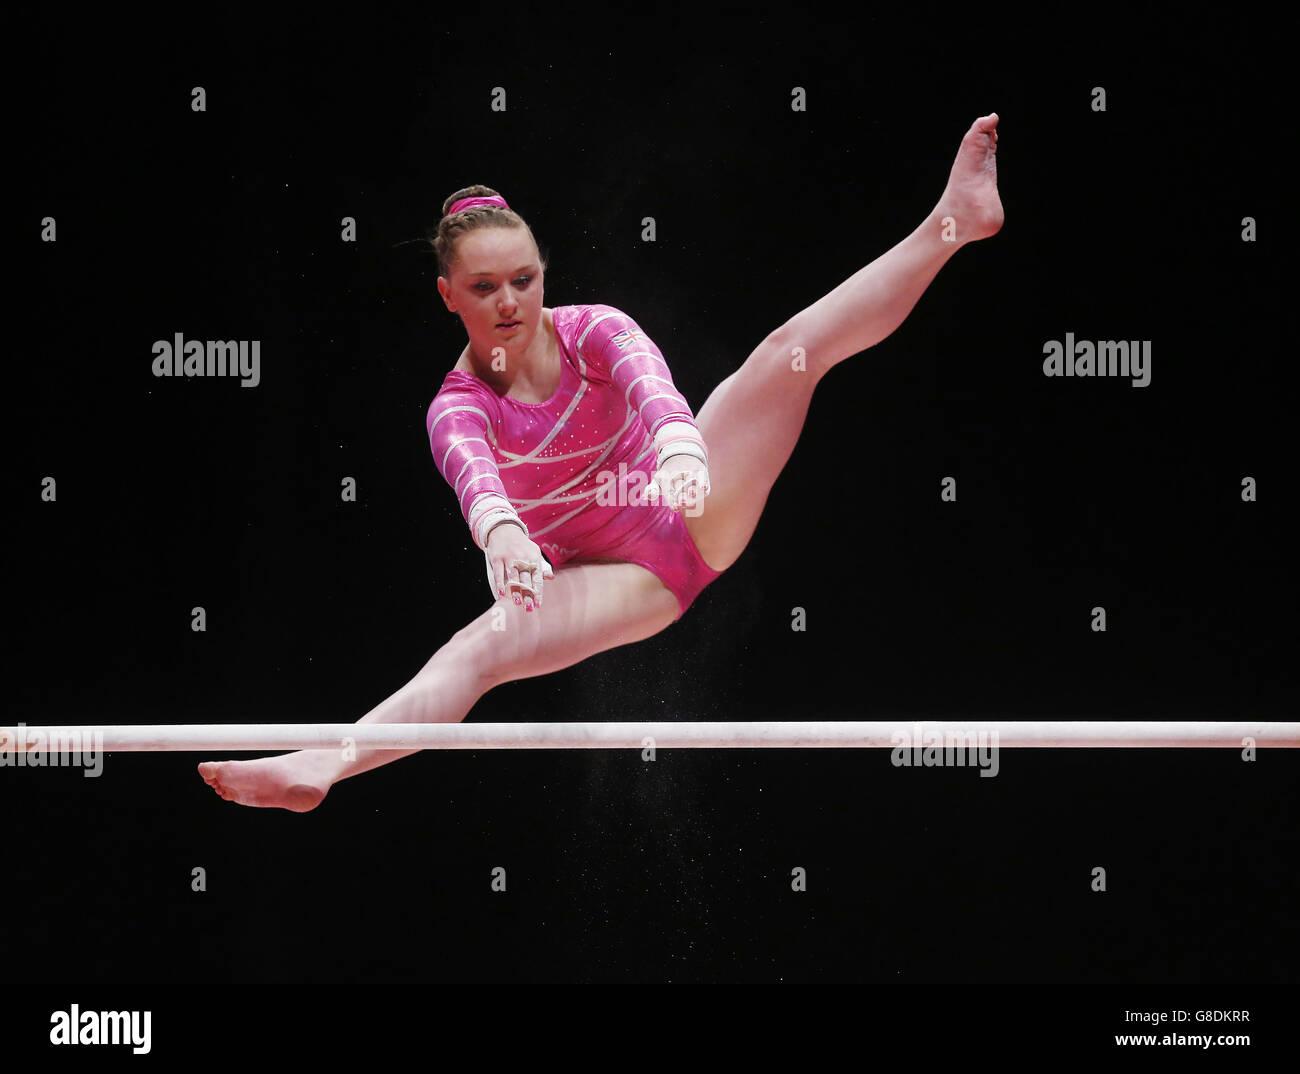 Ginnastica - 2015 Campionati del Mondo - Giorno Sette - la SSE Idro Immagini Stock